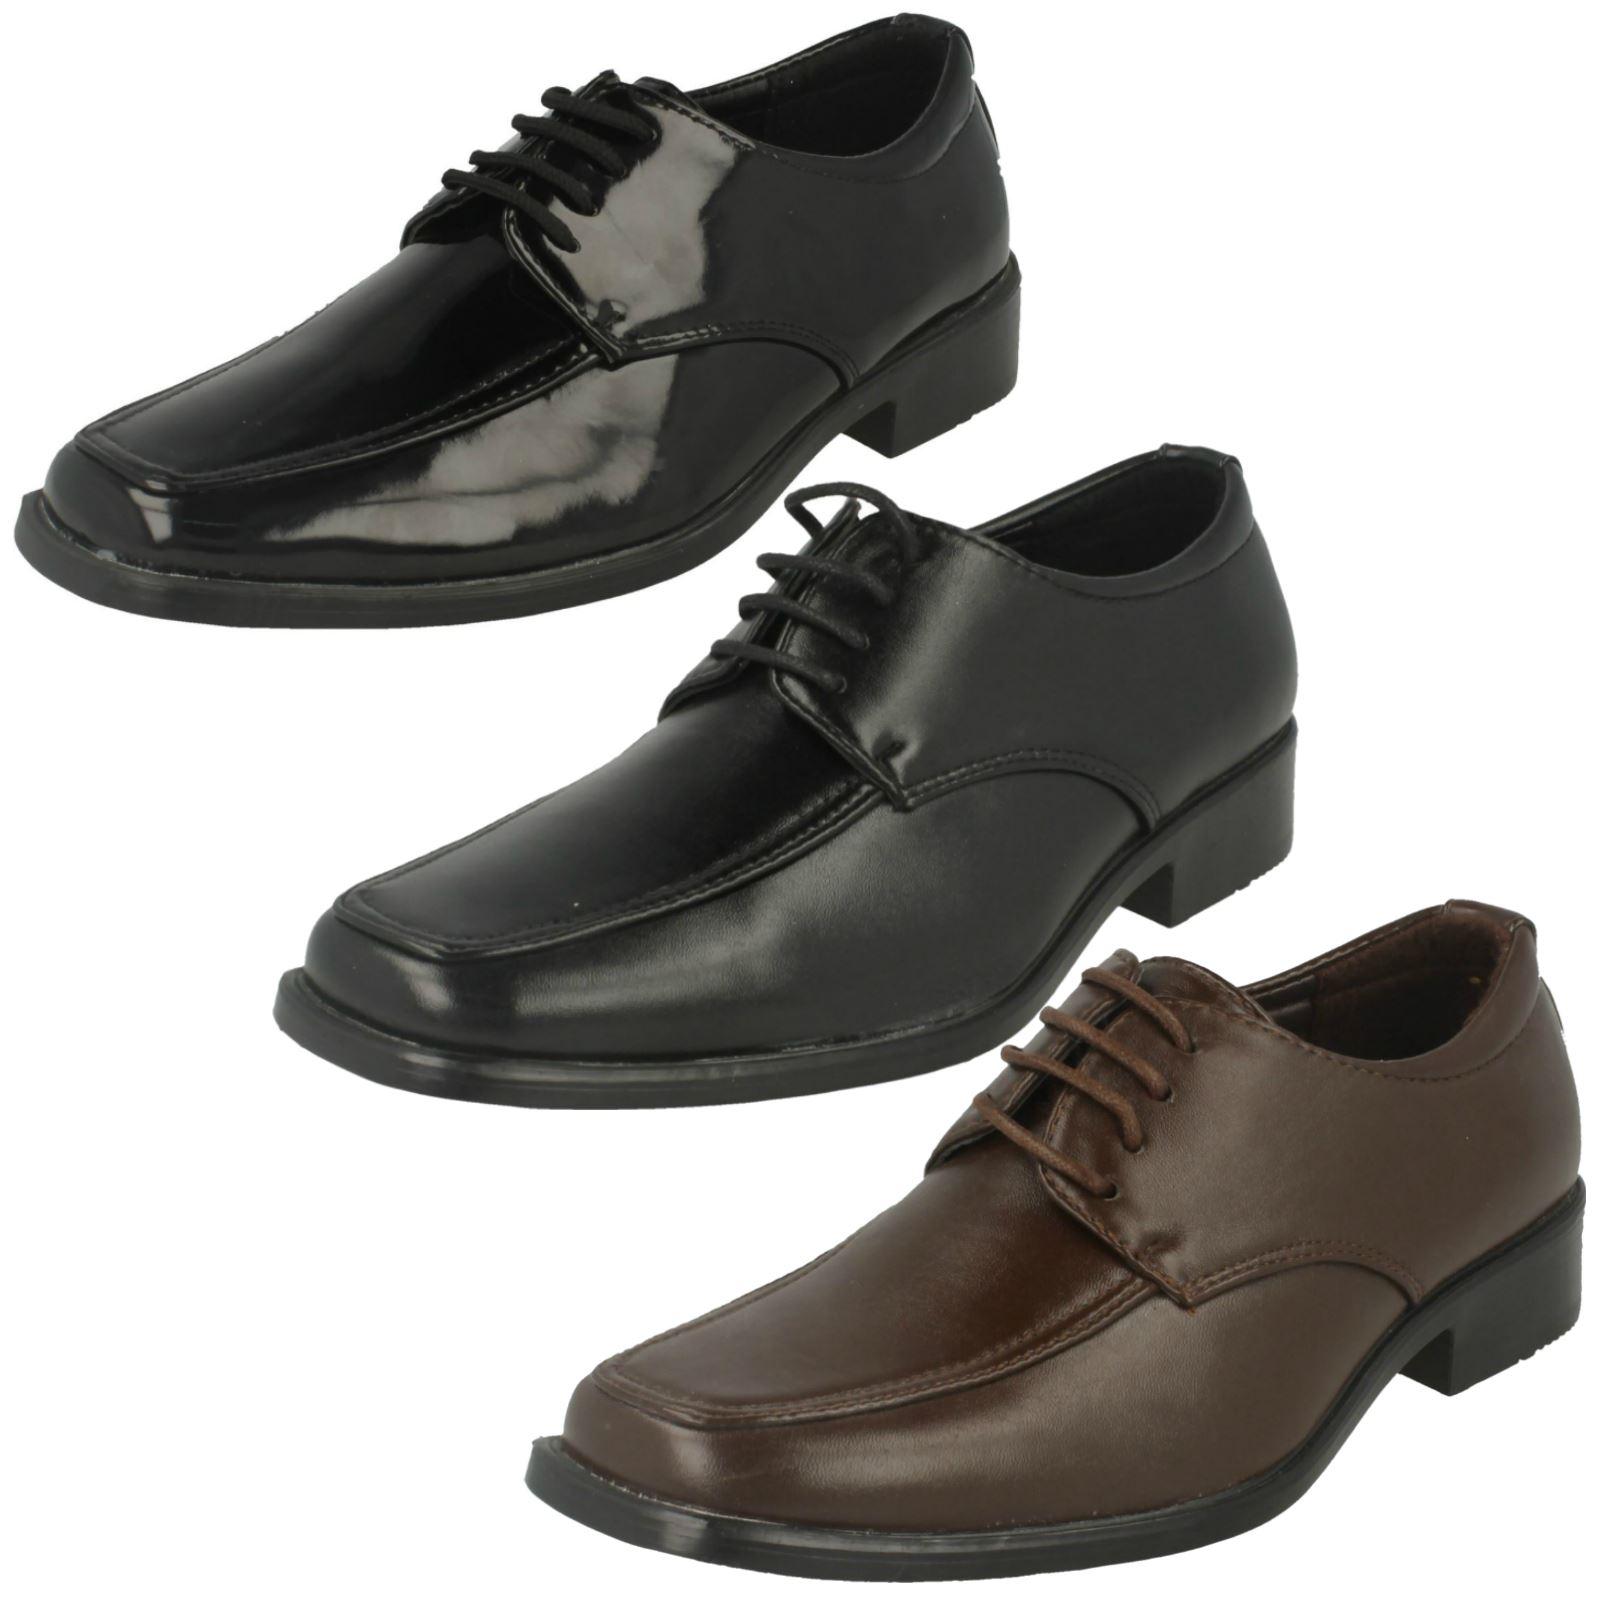 Detalles De Cordones Niños Eleganteescuela Formal Zapatos Jcdees